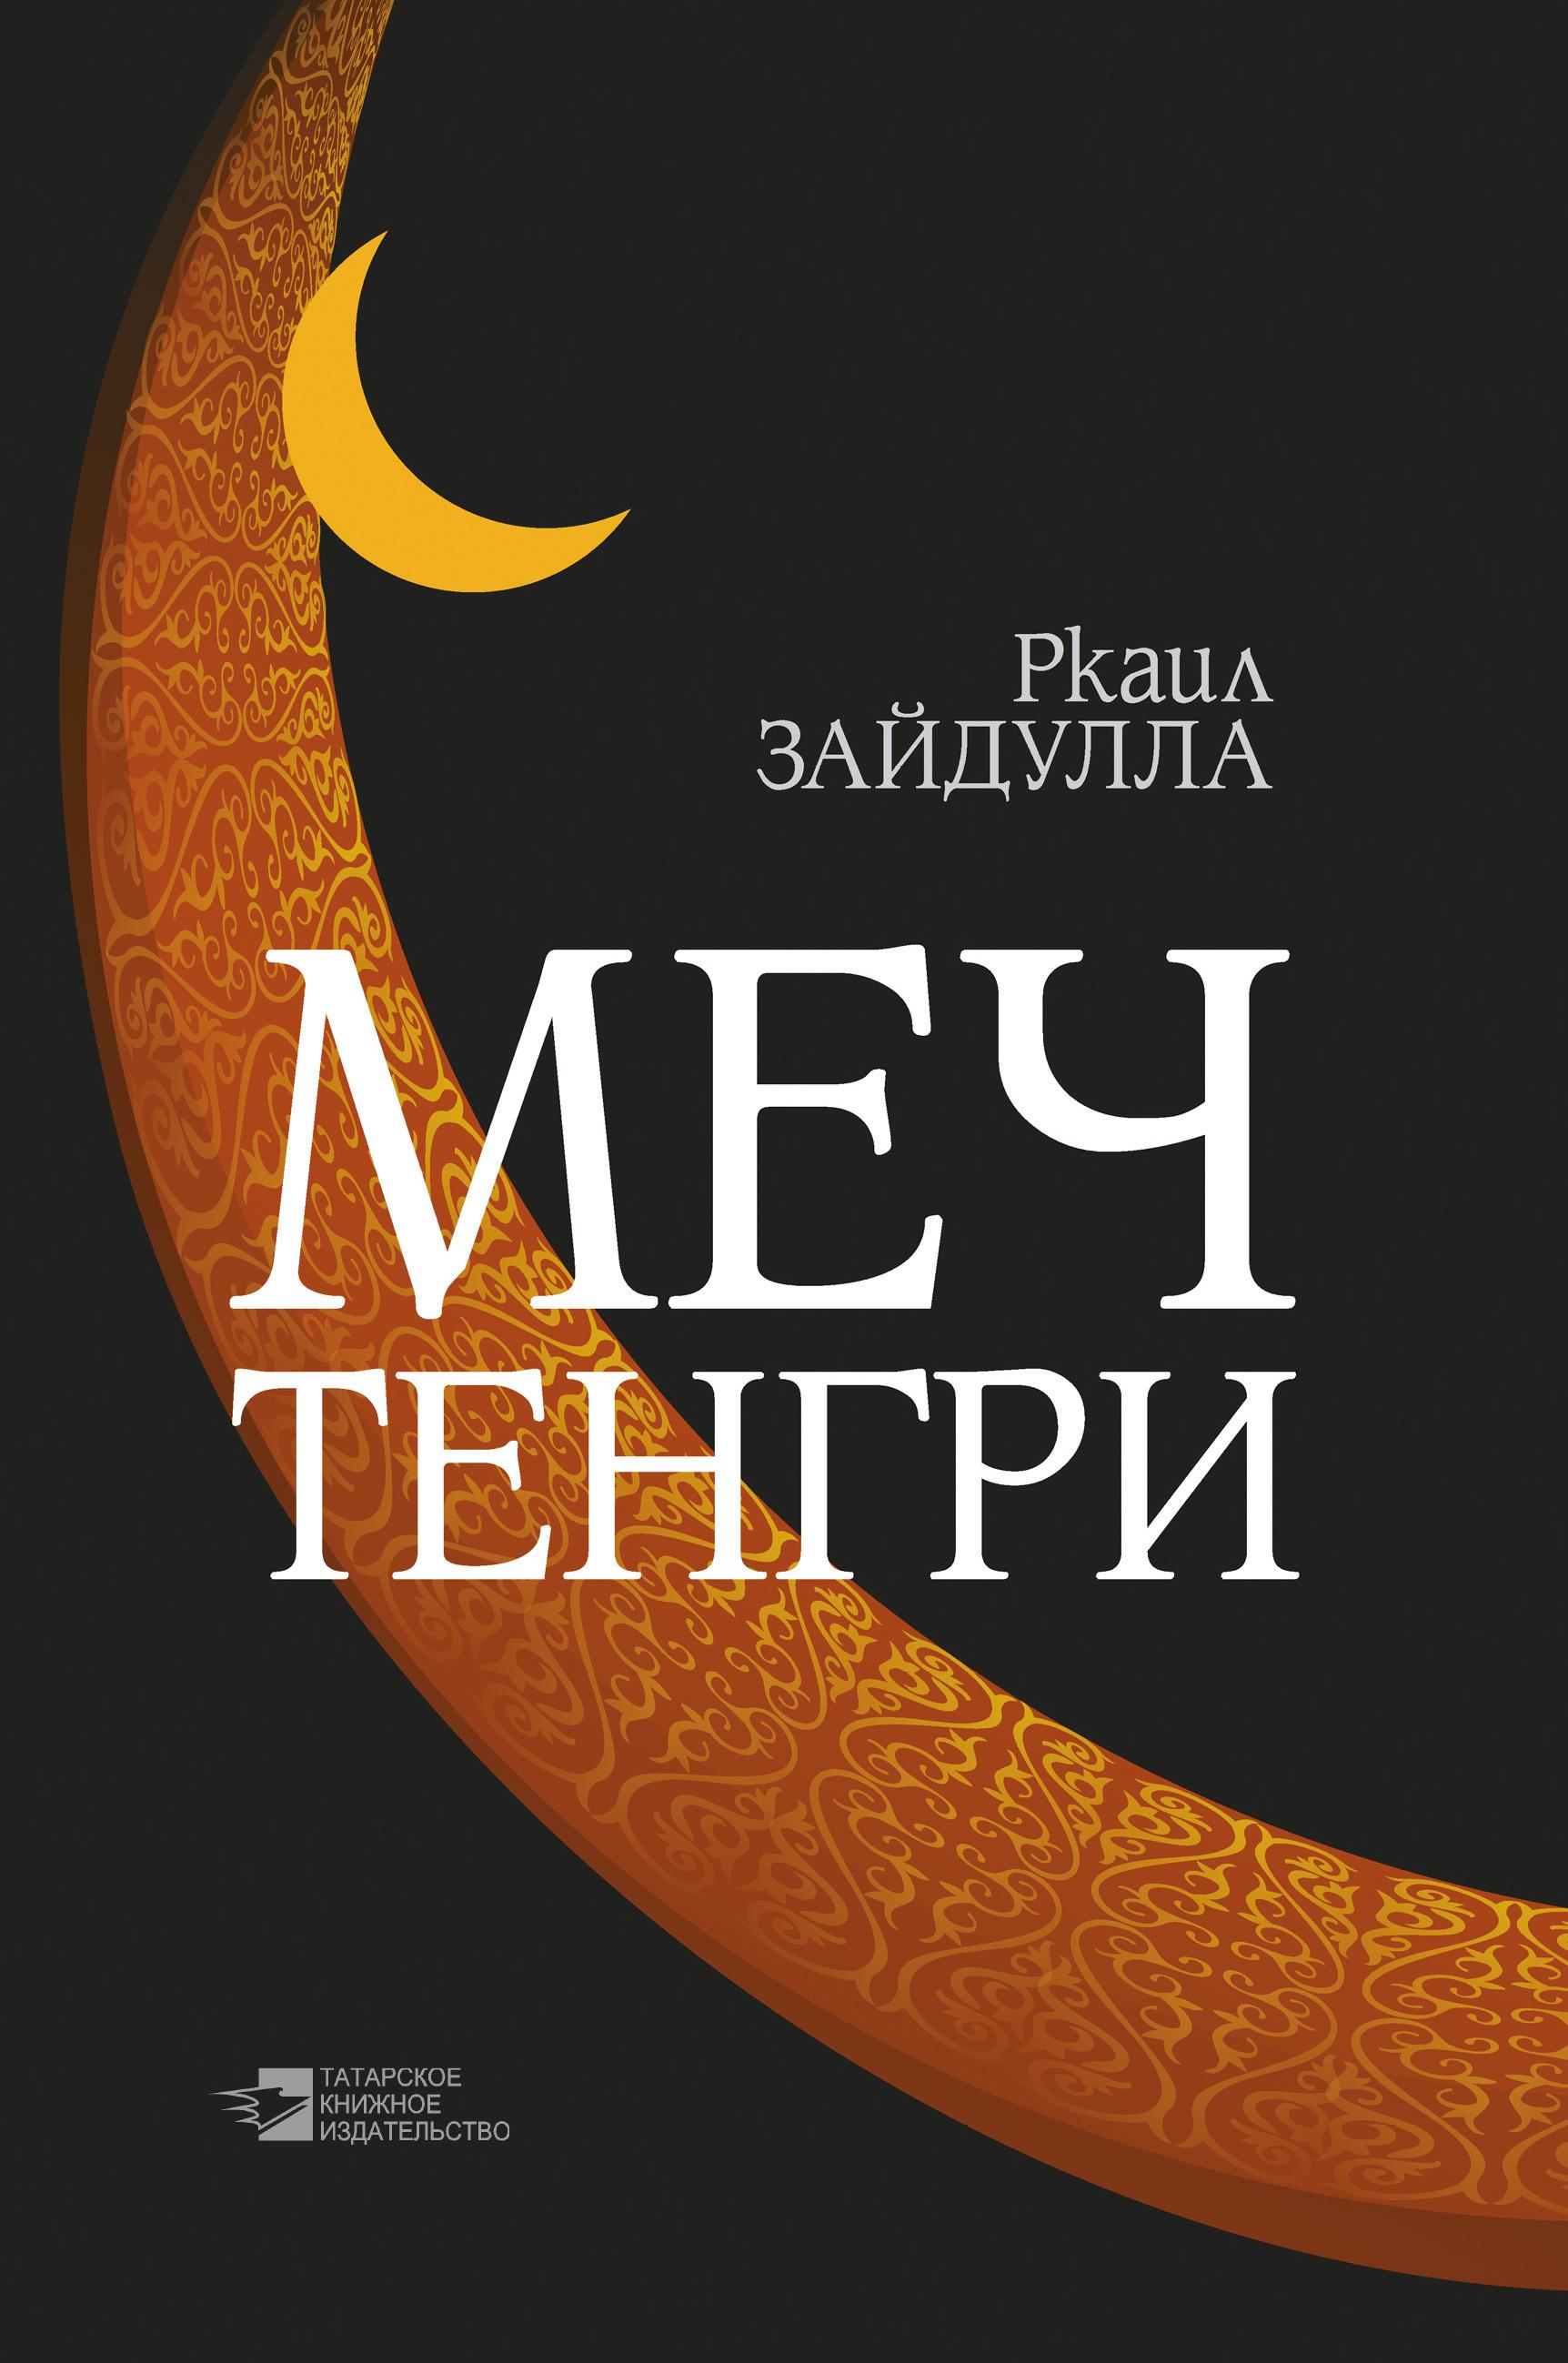 цена на Ркаил Зайдулла Меч Тенгри (сборник)